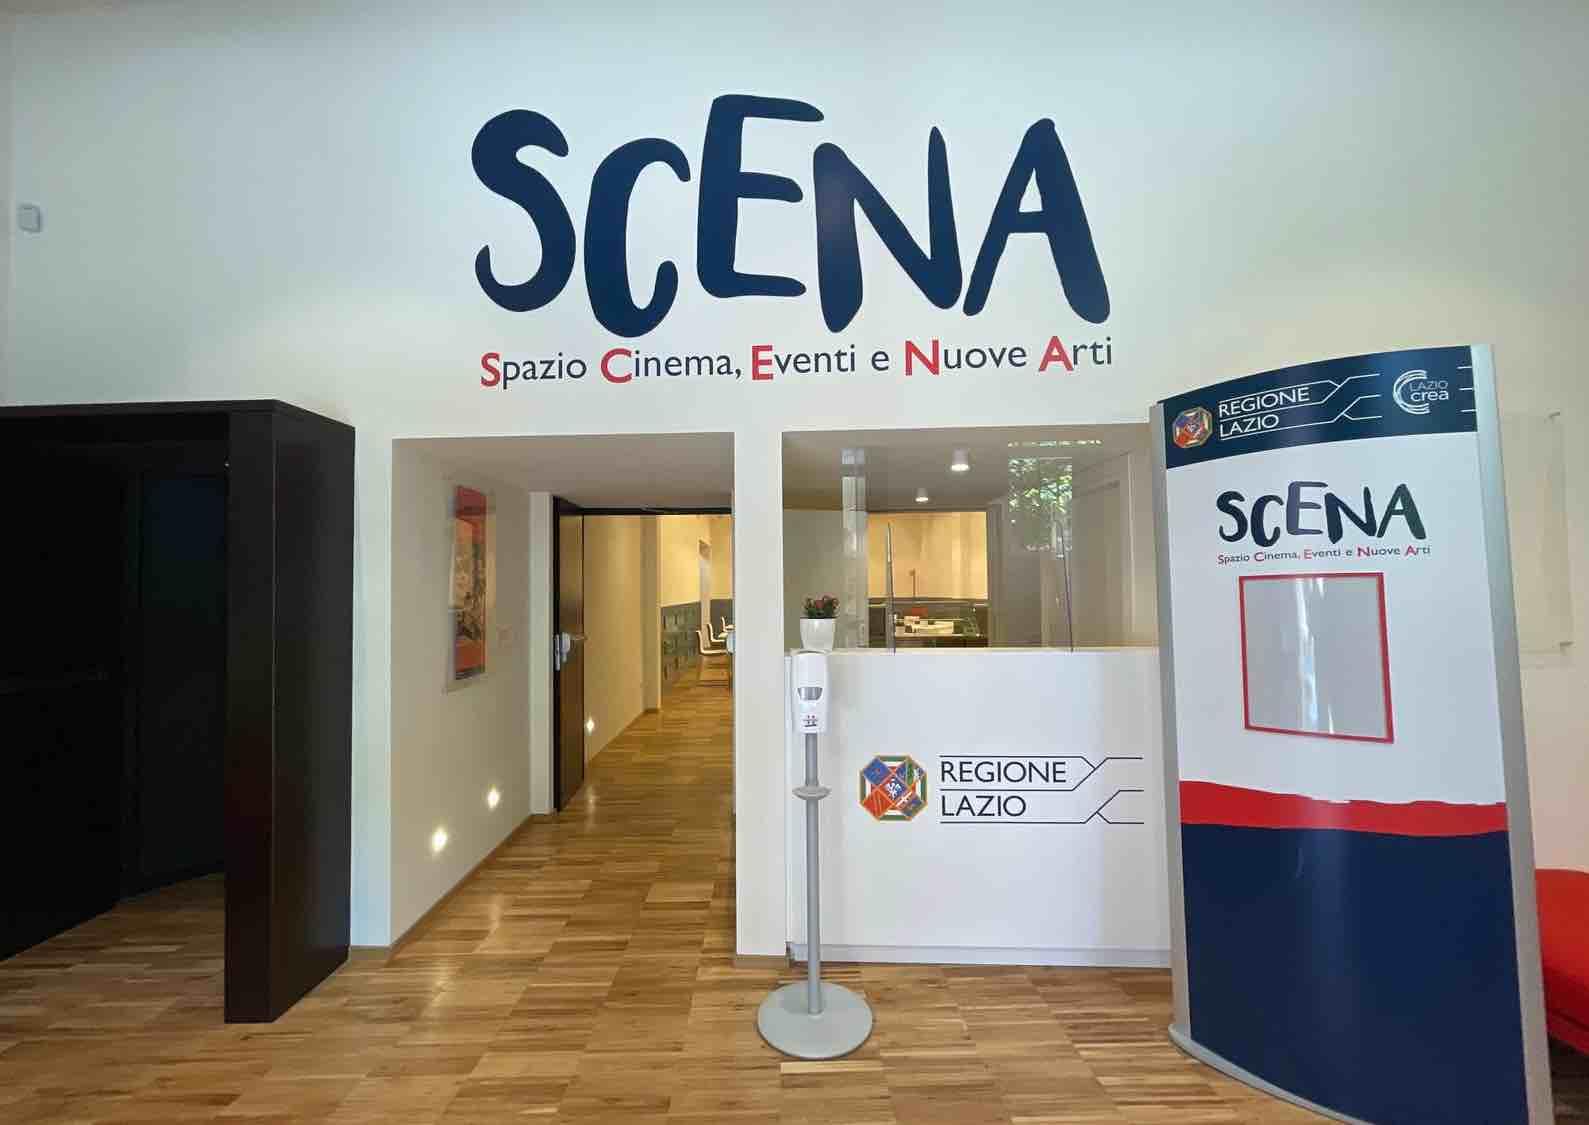 spazio_cinema_scena_ph_regione_lazio